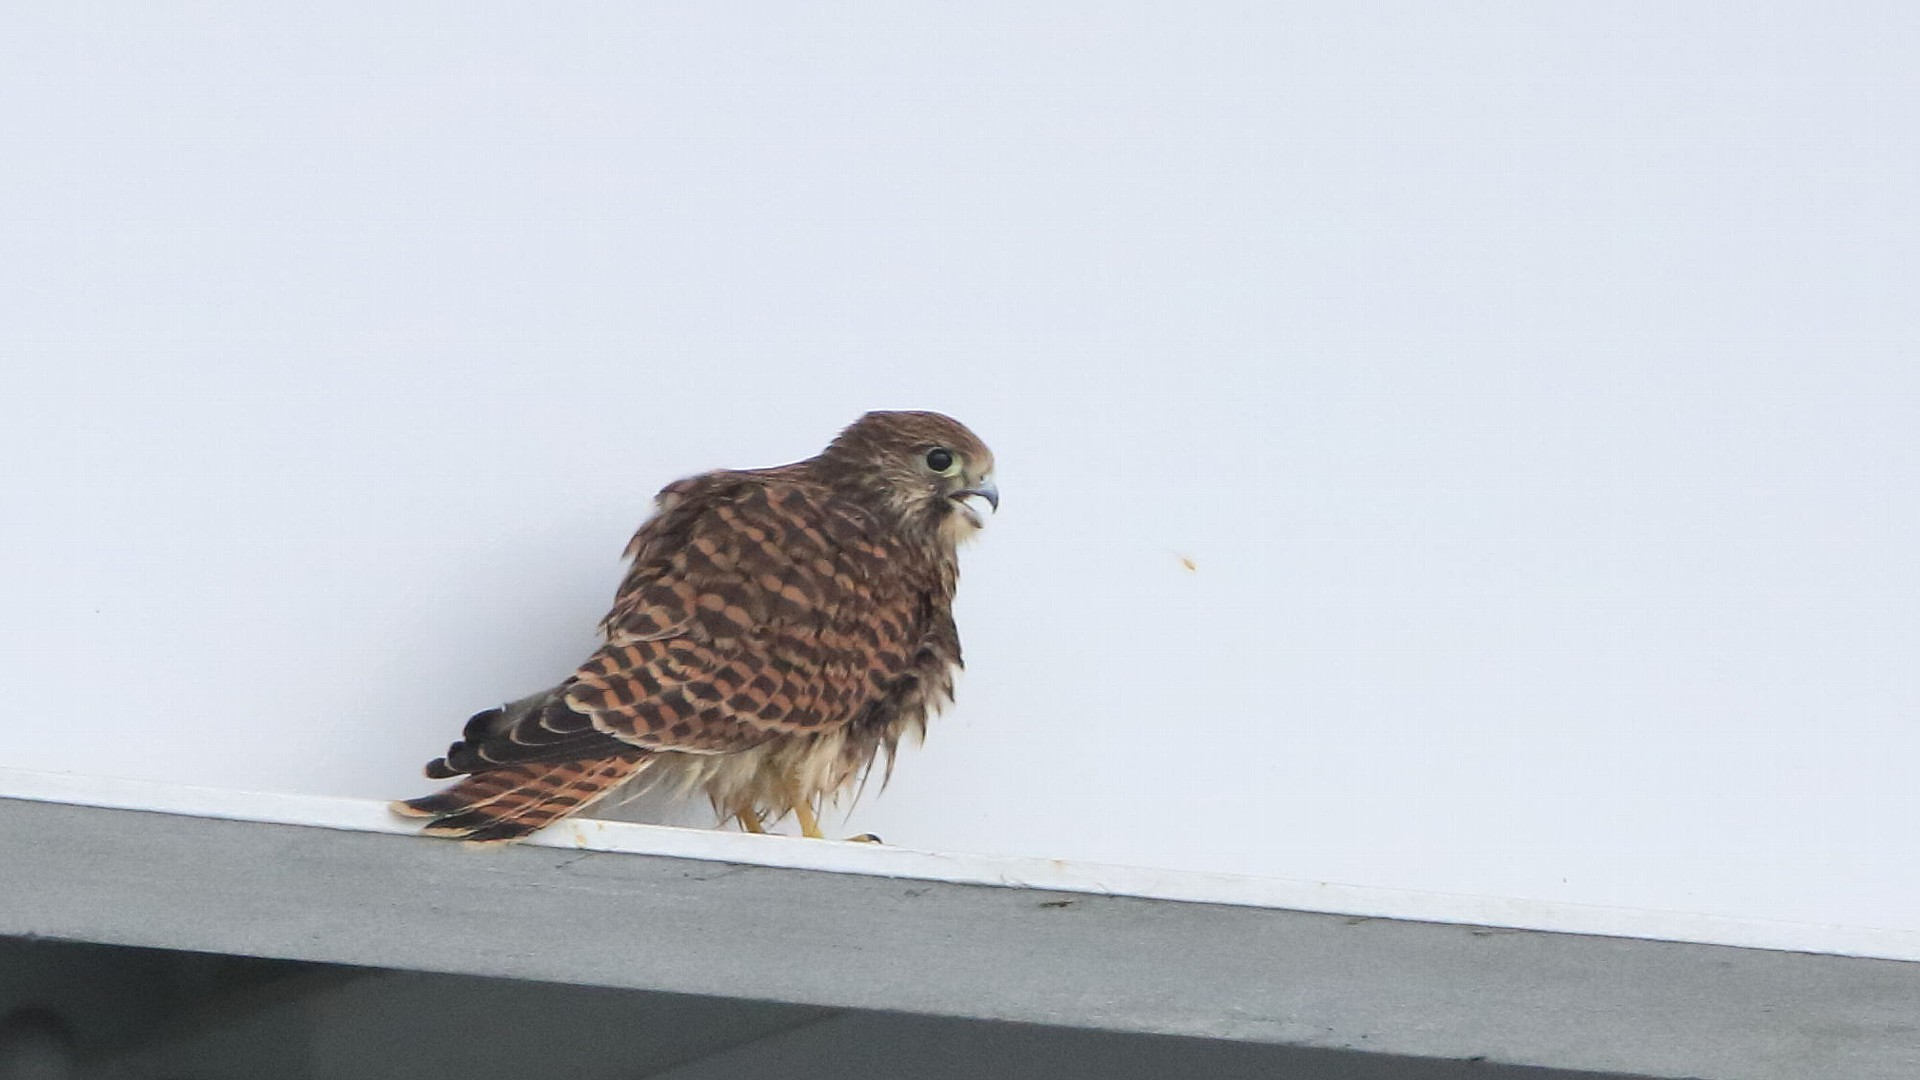 調布駅前にチョウゲンボウ幼鳥が落ちていた!_f0105570_21100748.jpg